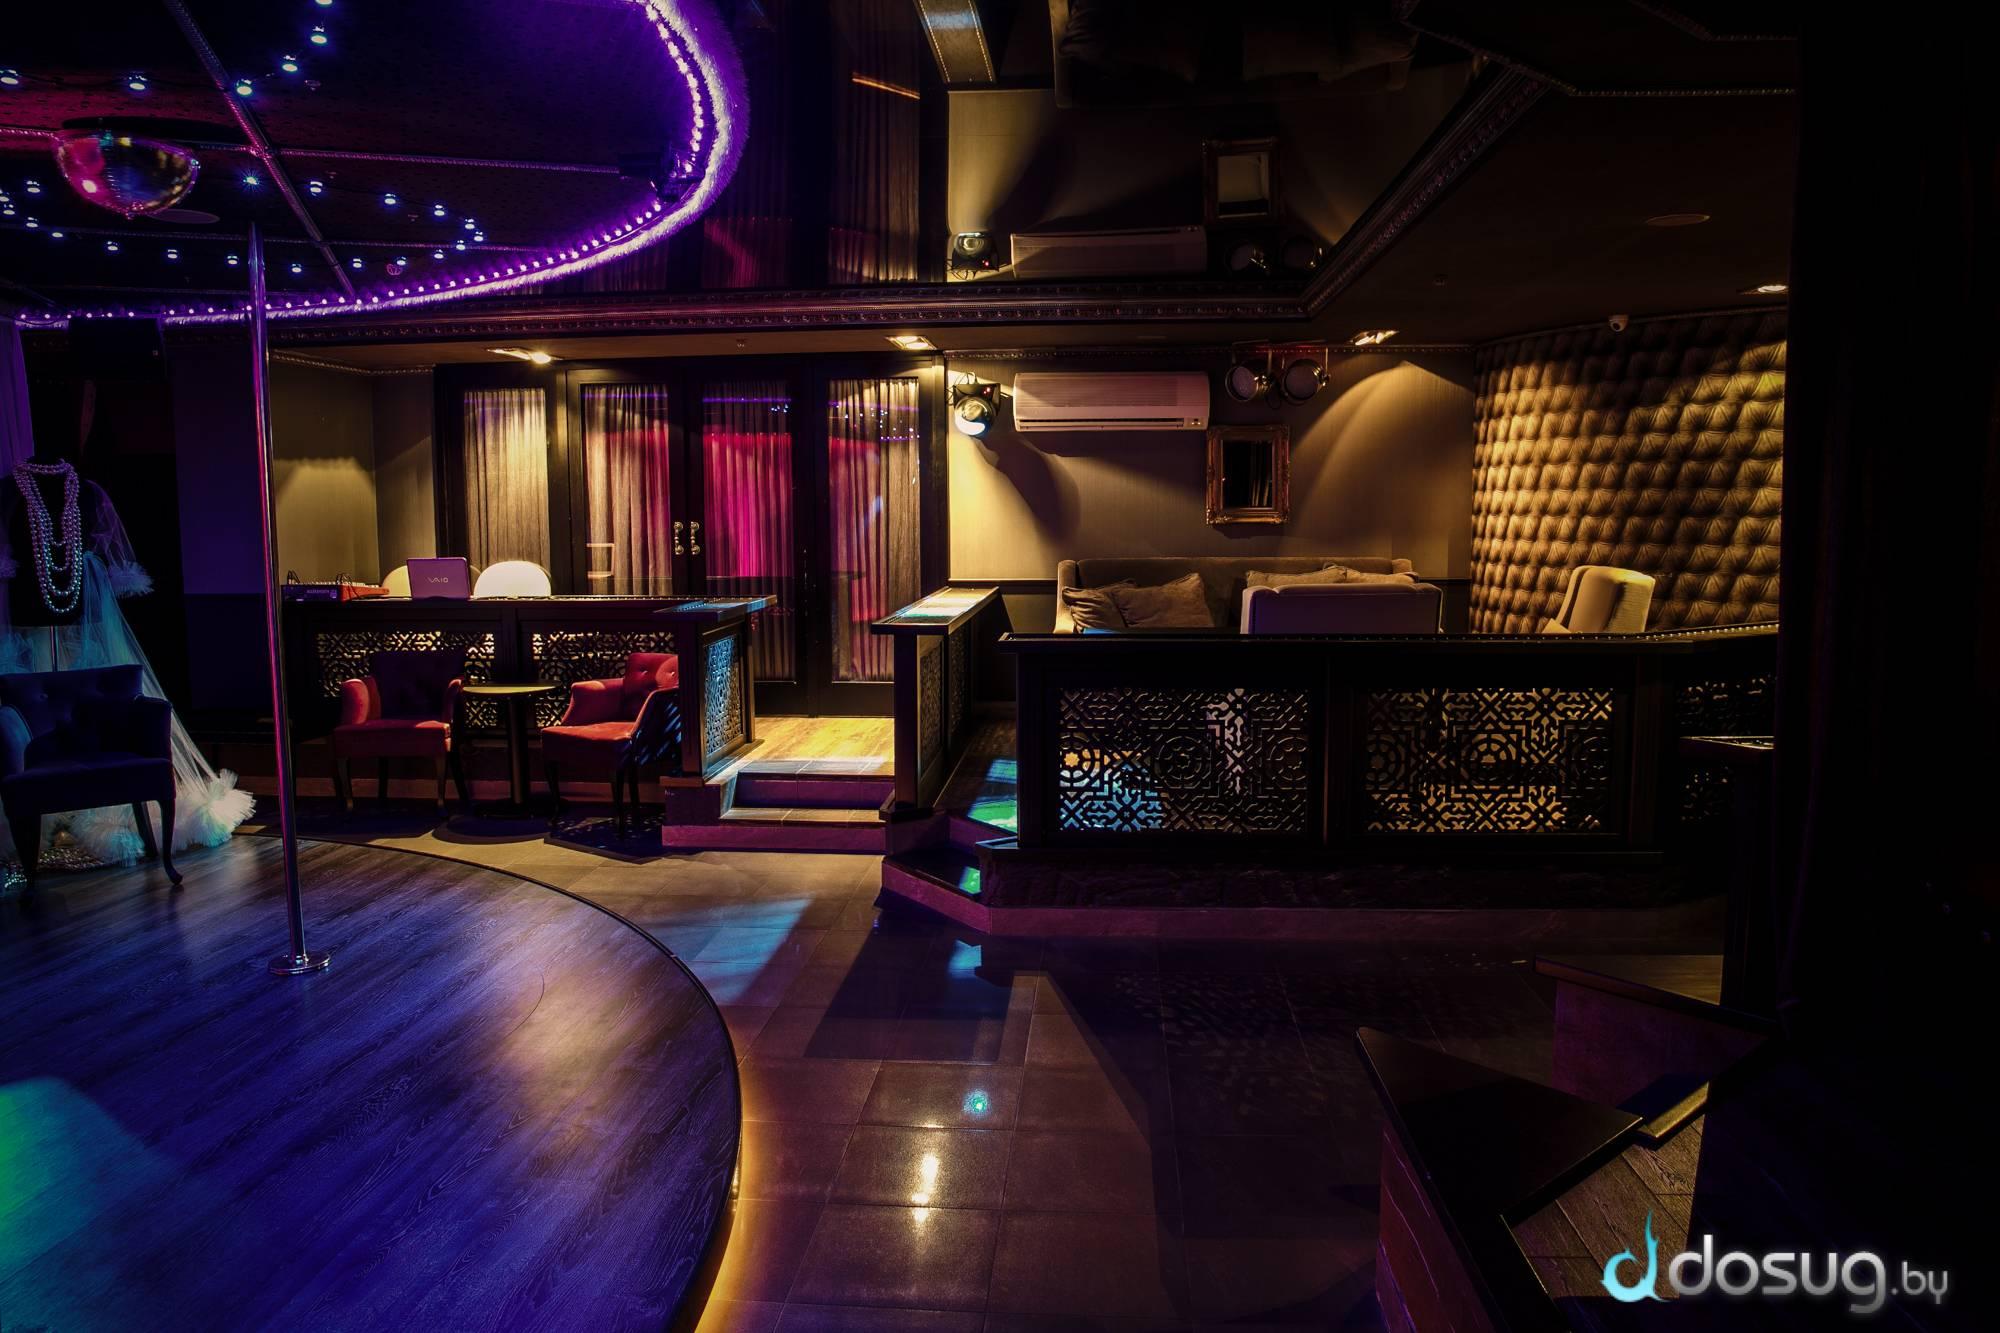 Ресторанов диско баров модных ночных клубов соблазнительных казино стриптиз баров игровые автоматы купить в украине в закарпате